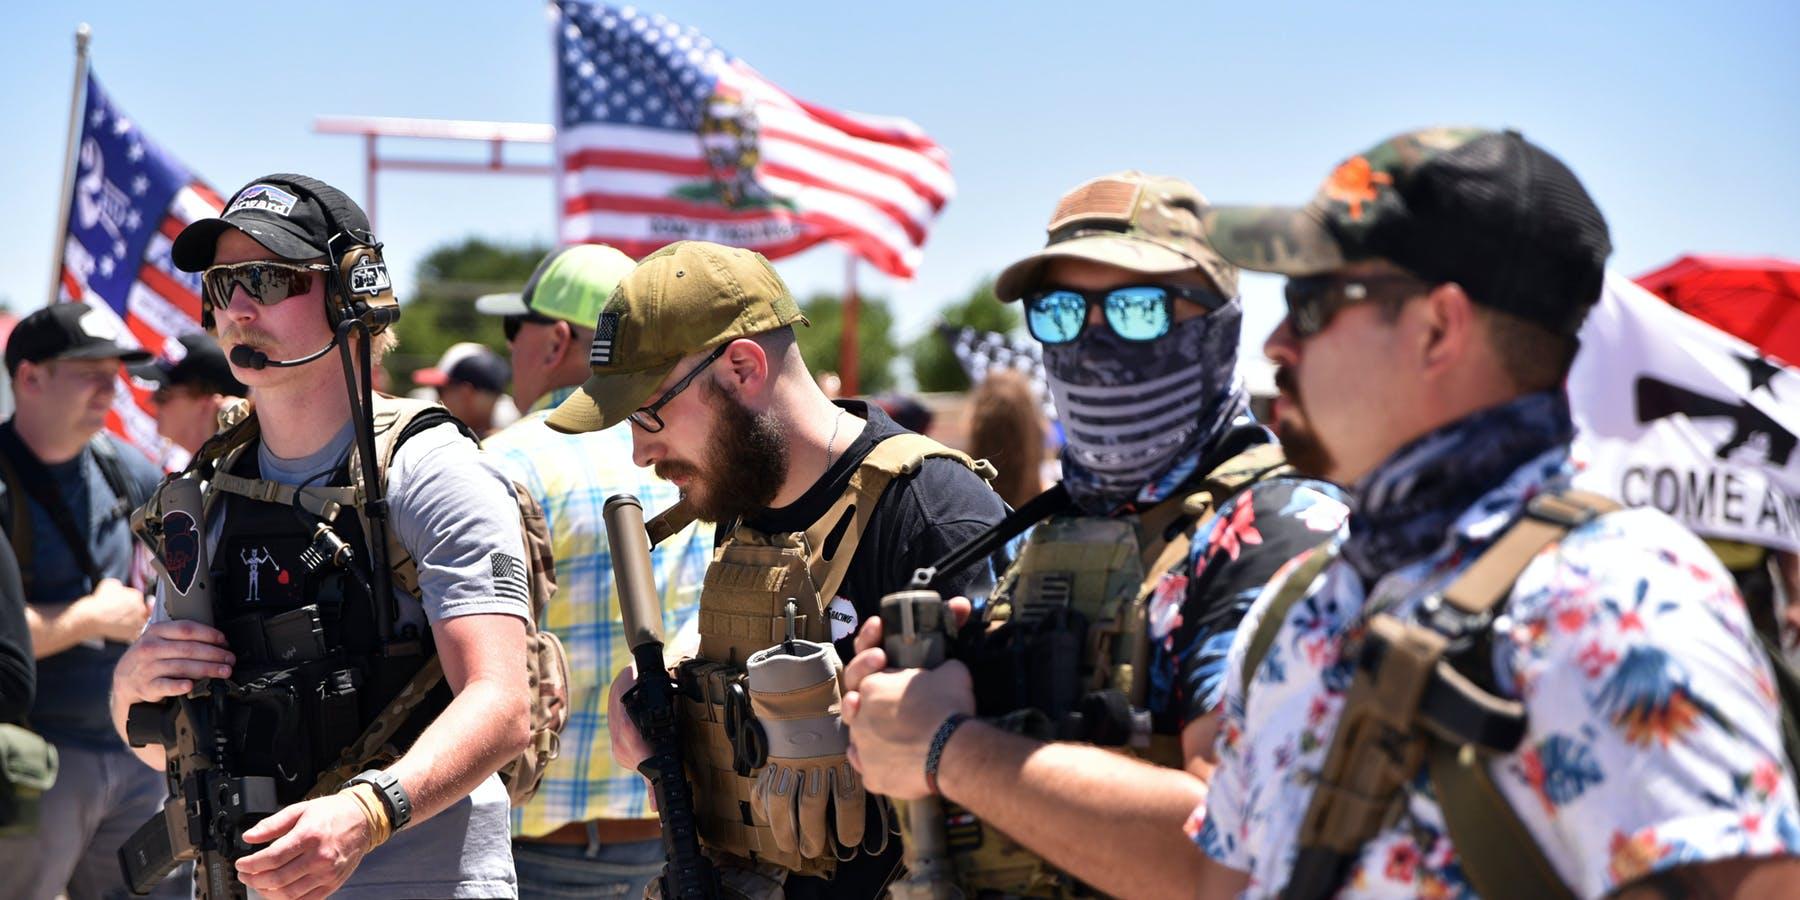 ISIS Upset They Didn't Think of Wearing Hawaiian Shirts